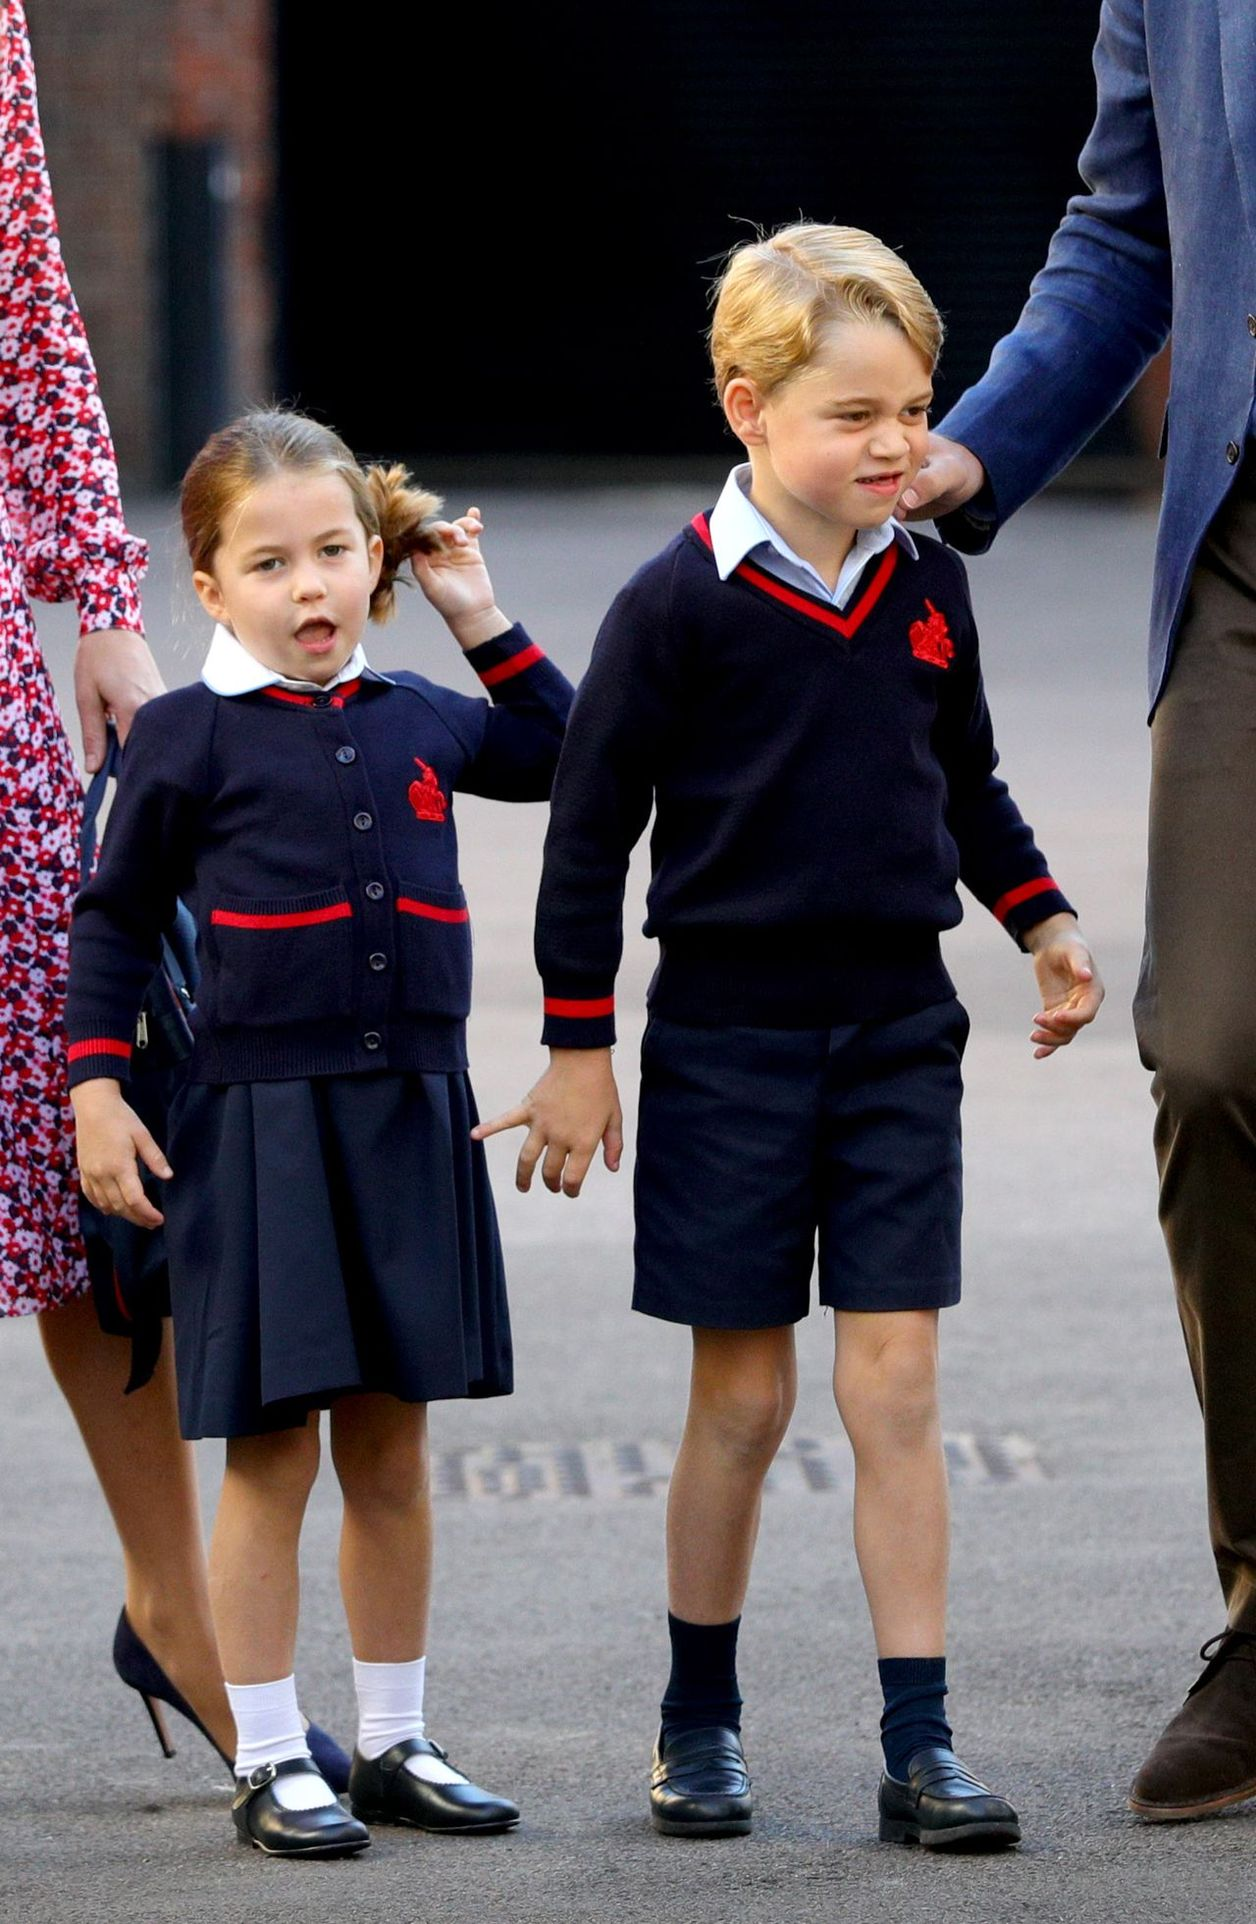 Księżniczka Charlotte i książę George w mundurkach szkolnych.